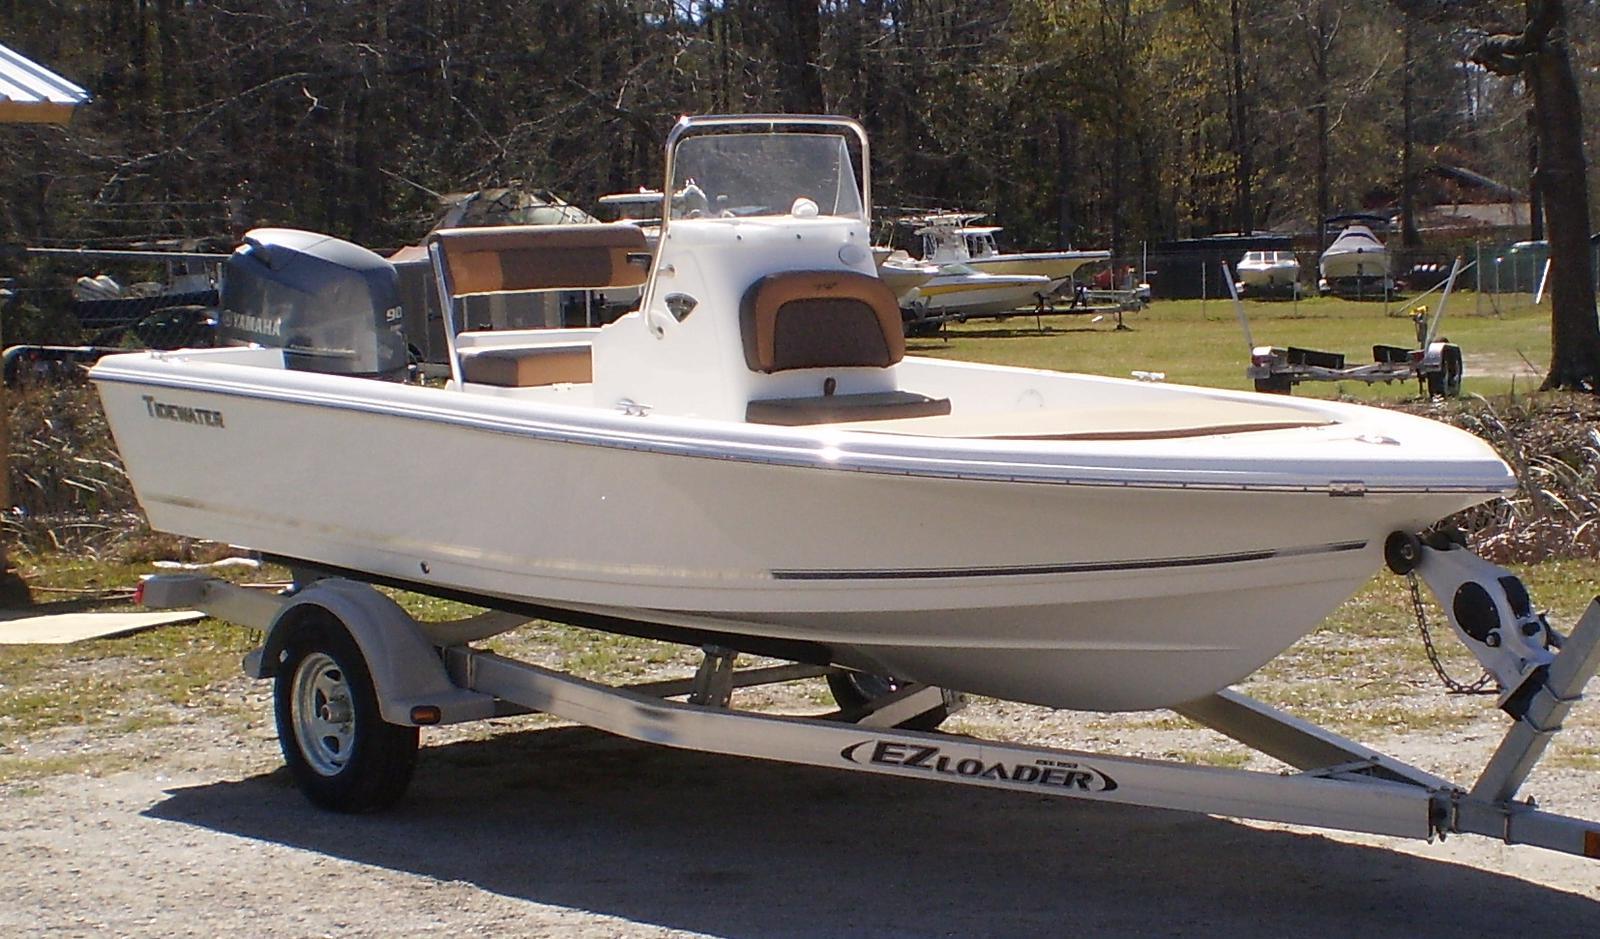 Tidewater 1800 Bay Max